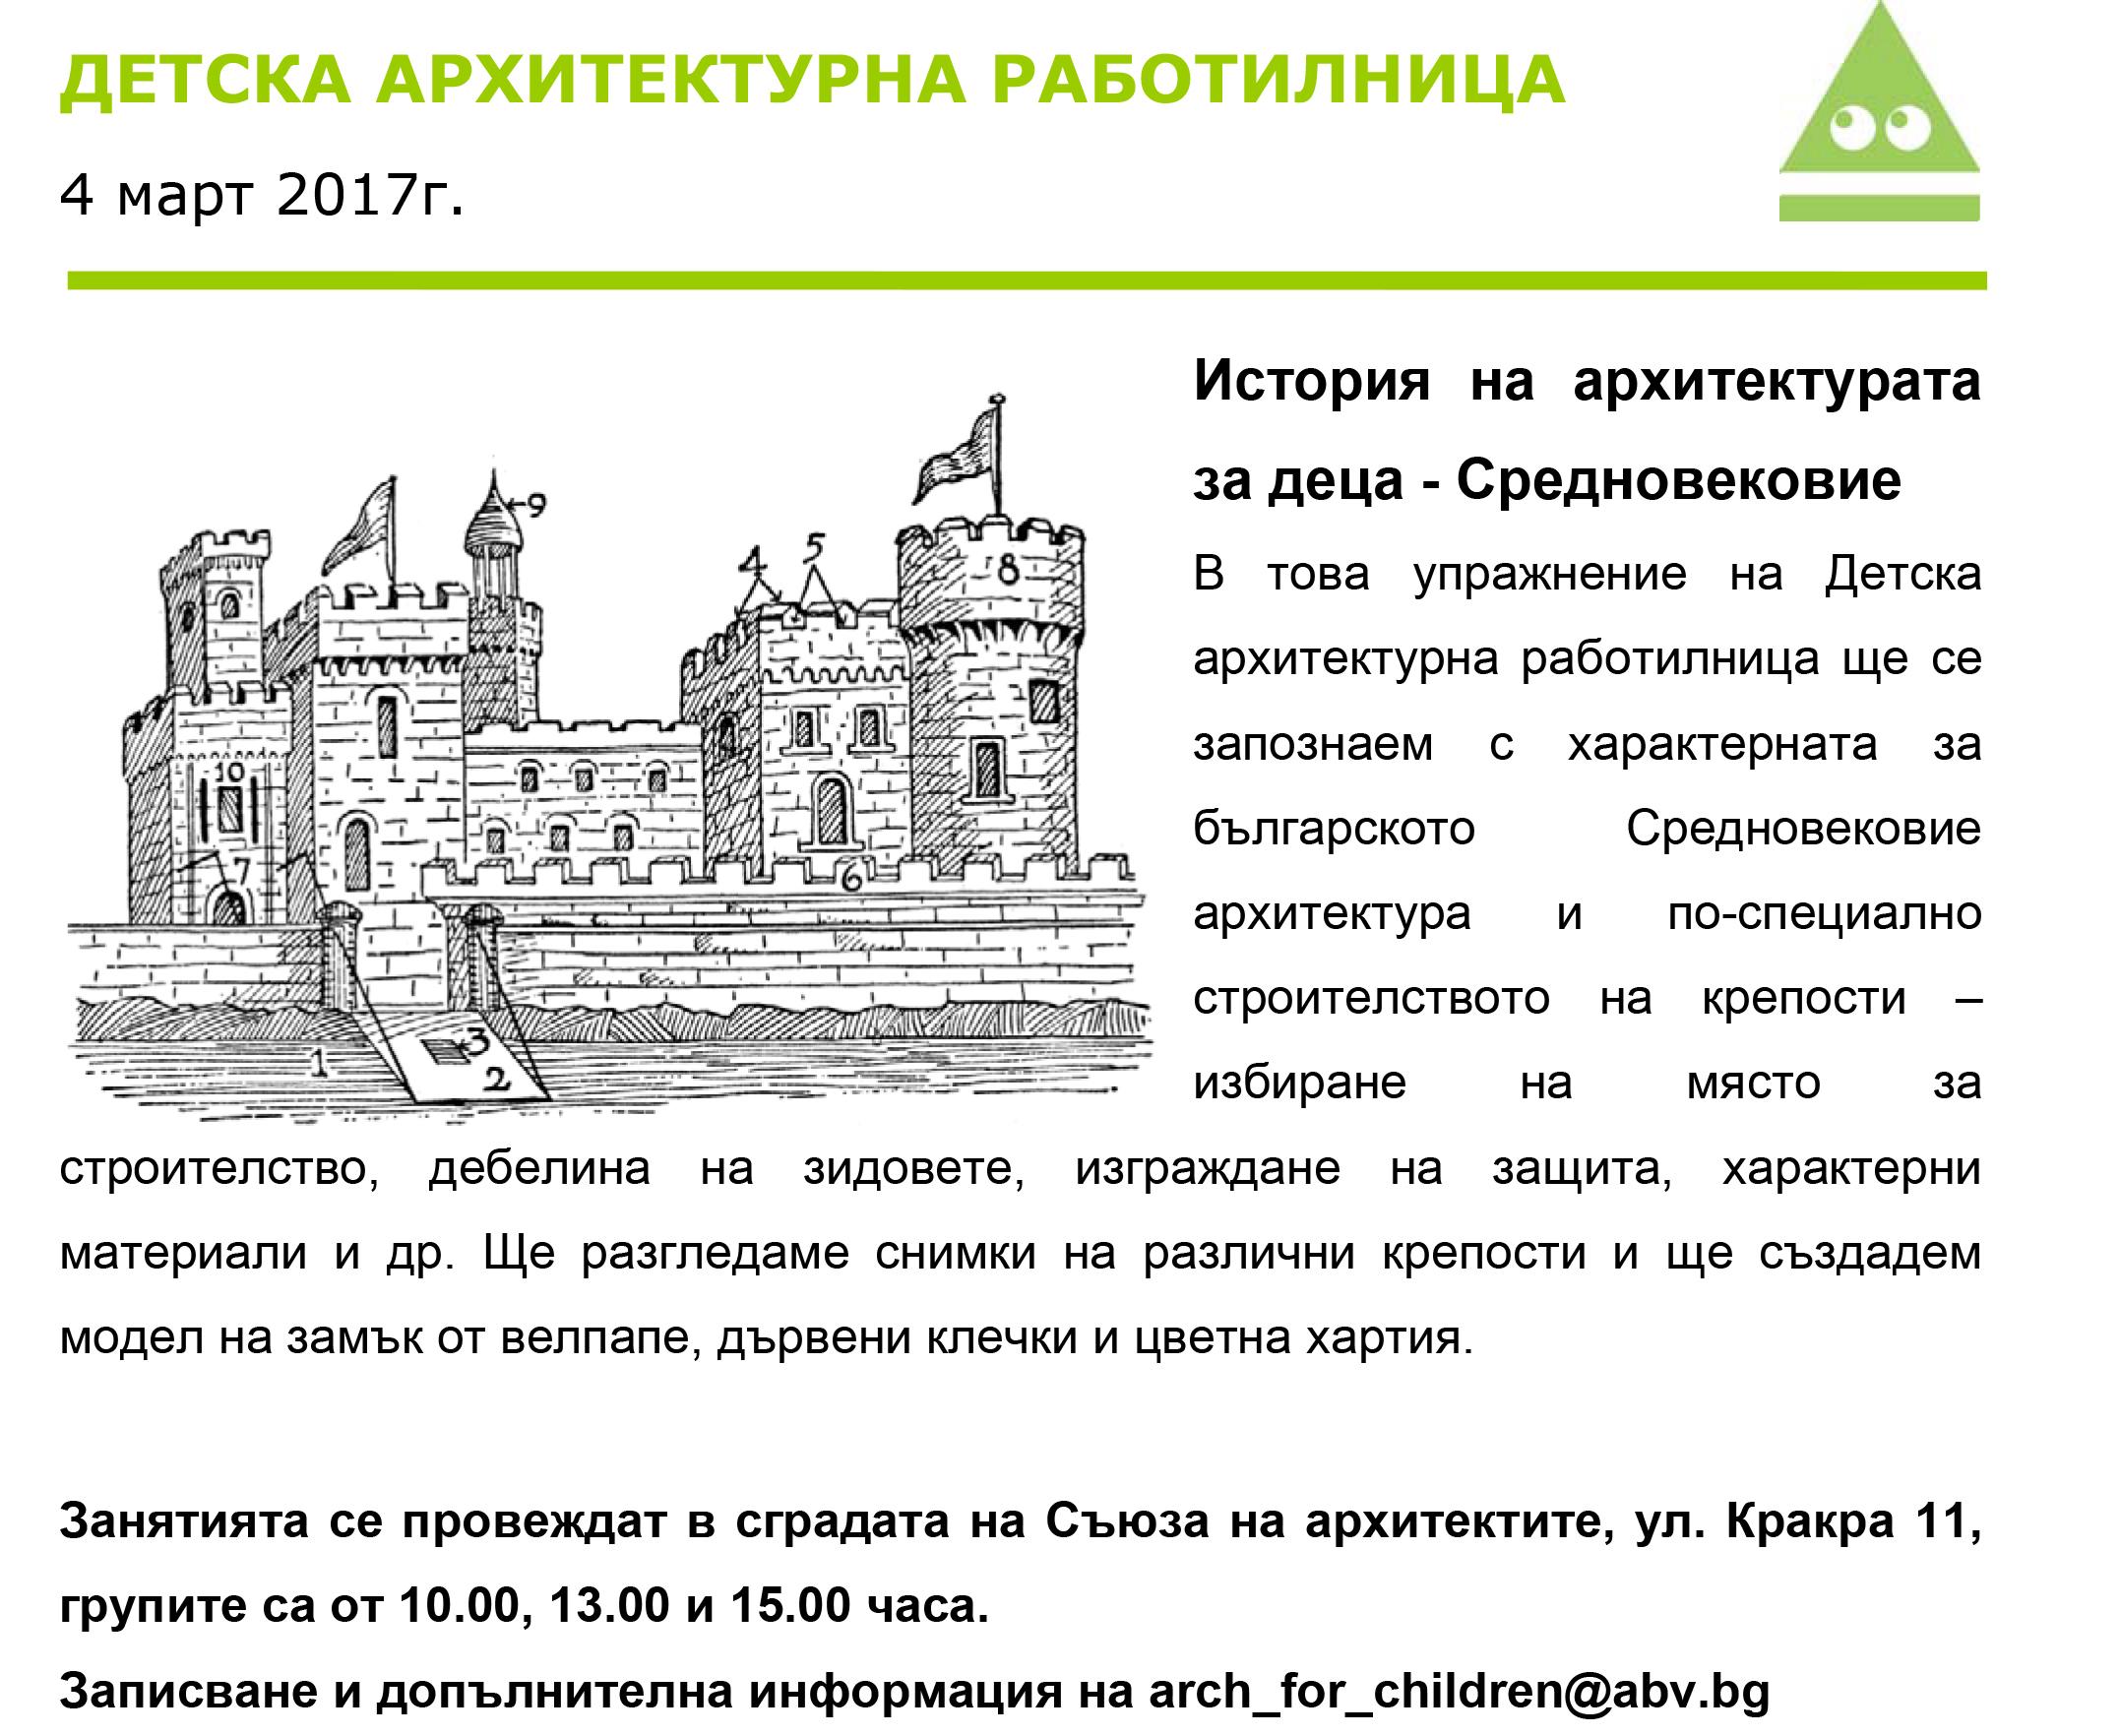 4 март 2017г - История на архитектурата за деца - Средновековие